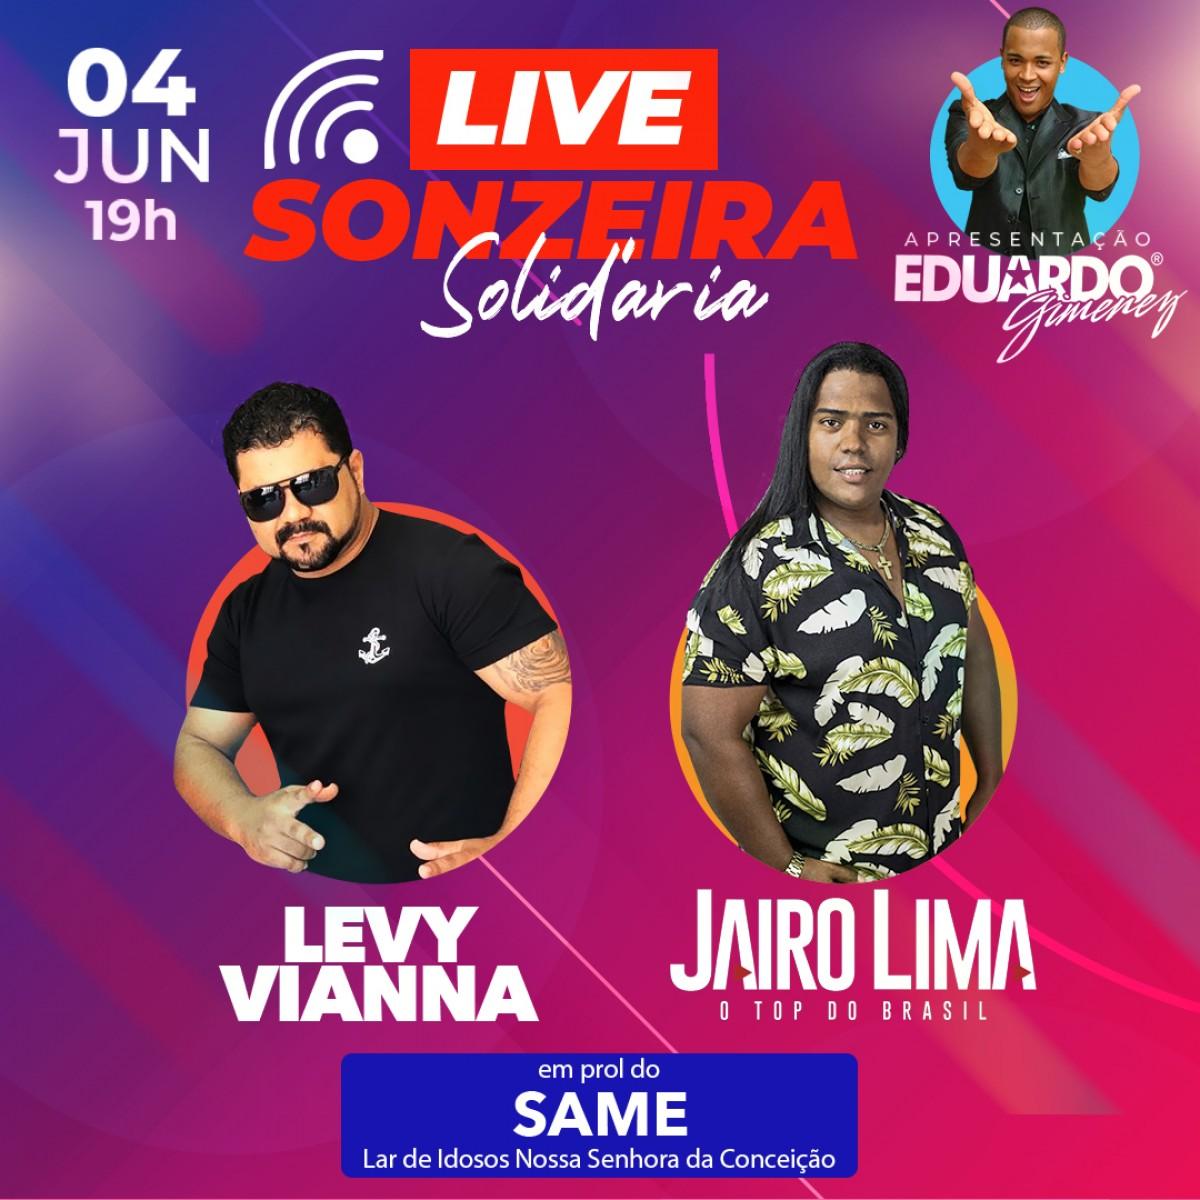 Live Sonzeira Solidária ocorre nesta quinta-feira, 4/6, em prol do Same (Imagem: Divulgação)